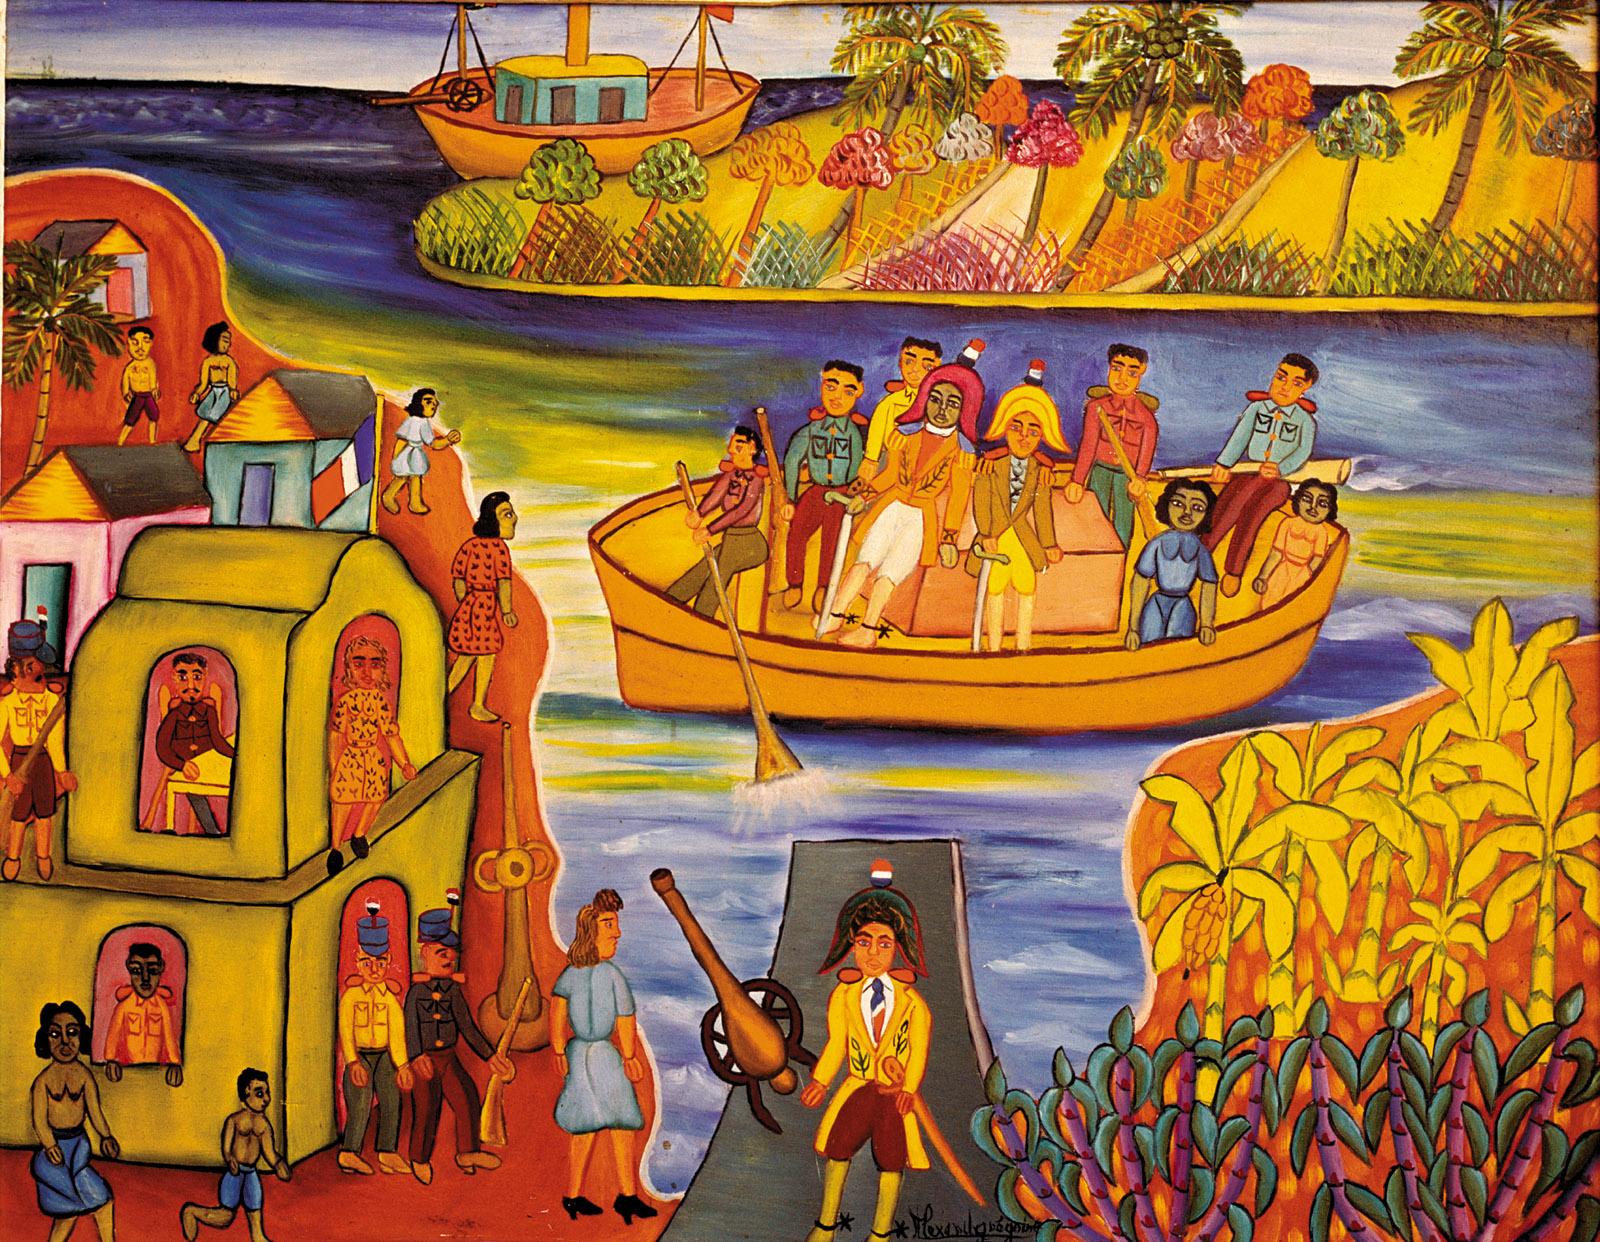 Toussaint Louverture Boarding; painting by Alexandre Grégoire